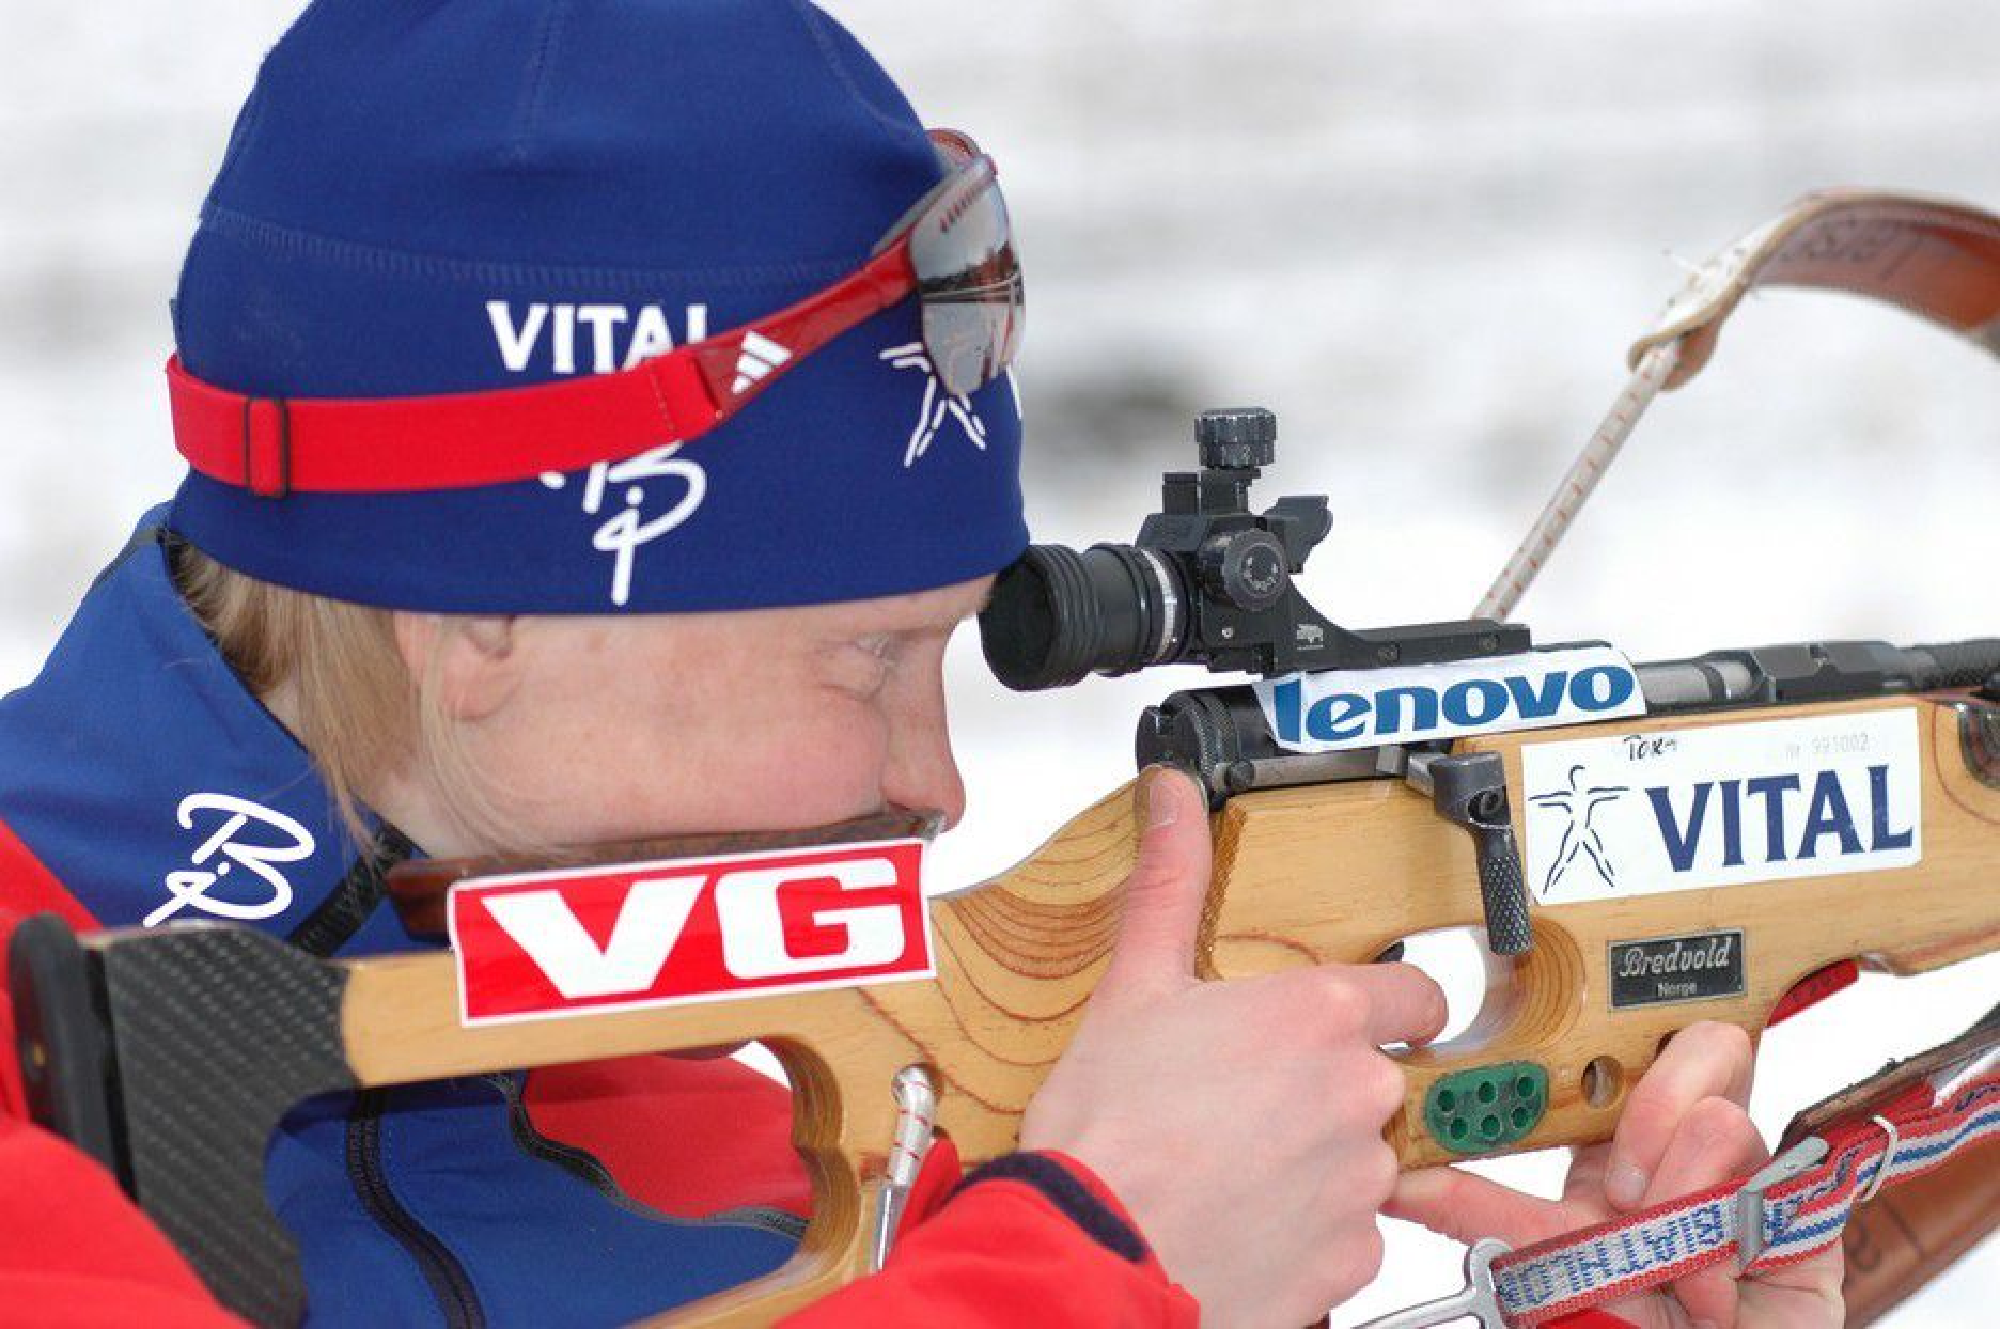 KLAR FOR ØSTERSUND: Skiskytter Tora Berger har vært syk, men er nå klar for verdenscupåpningen i Østersund denne uken. Men der truer dårlig drikkevann, trolig på grunn av parasitten cryptosporidium.